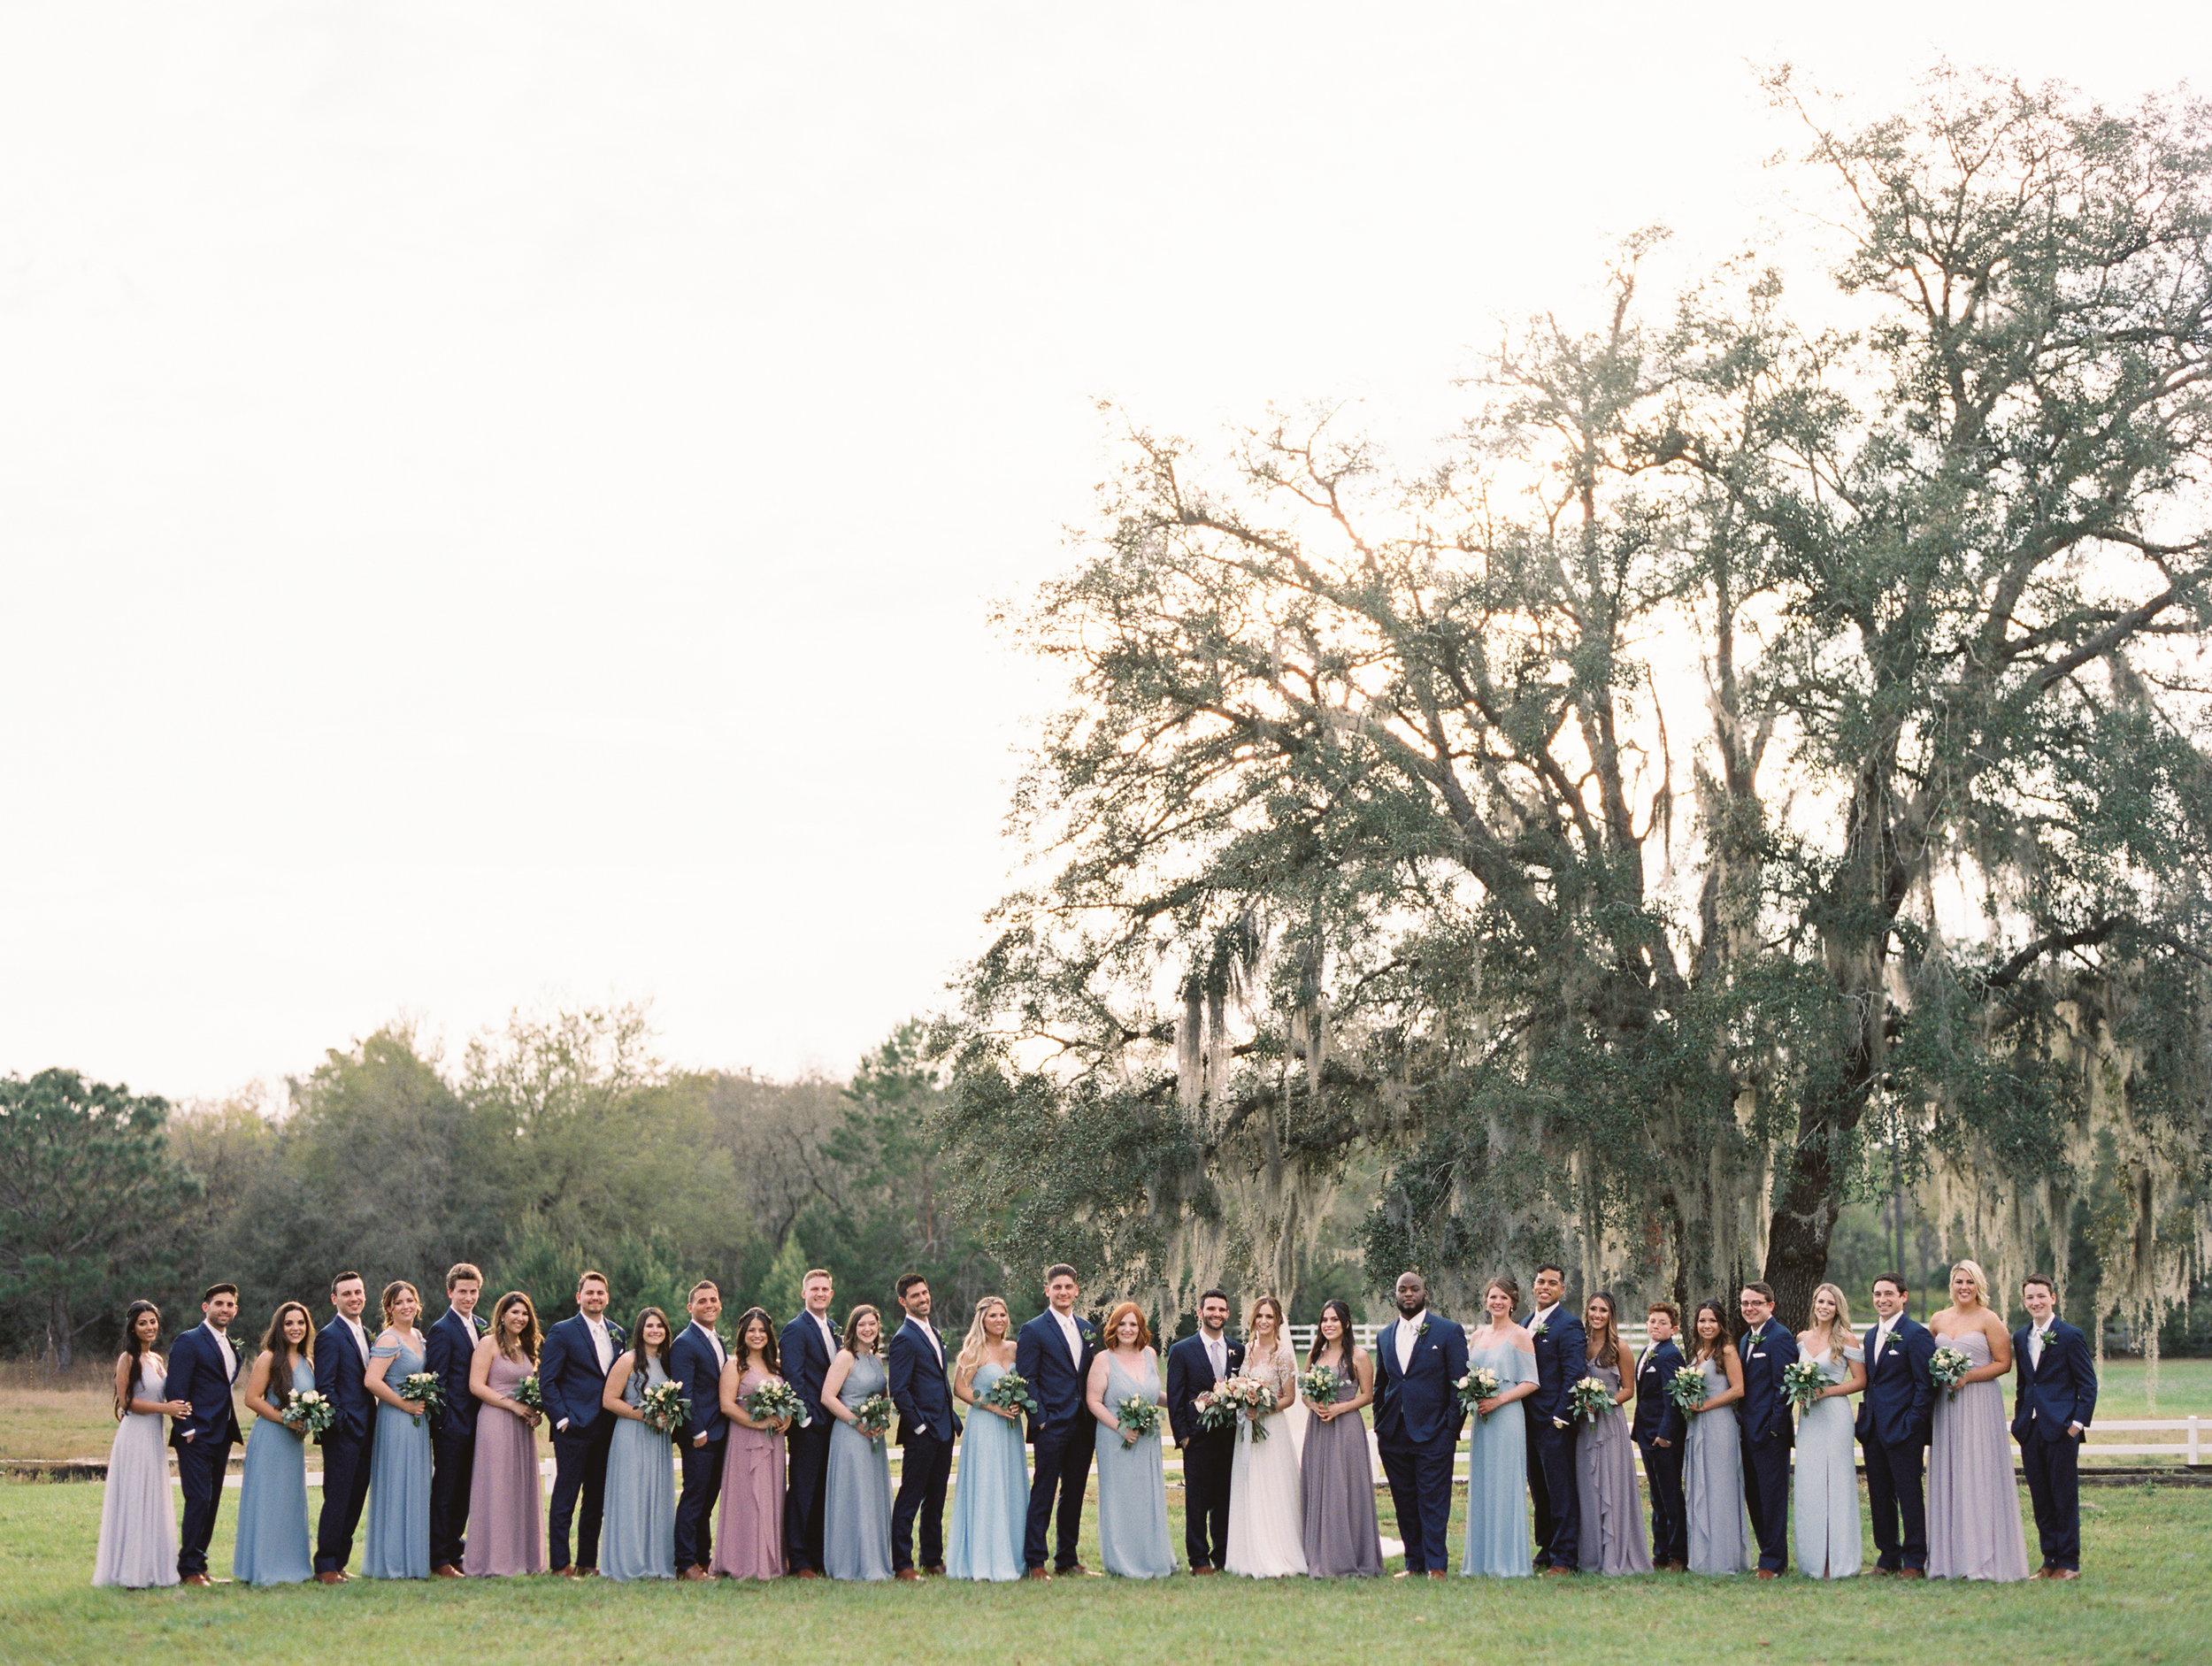 Wedding Party127346RLbe030711-R5-067.jpg